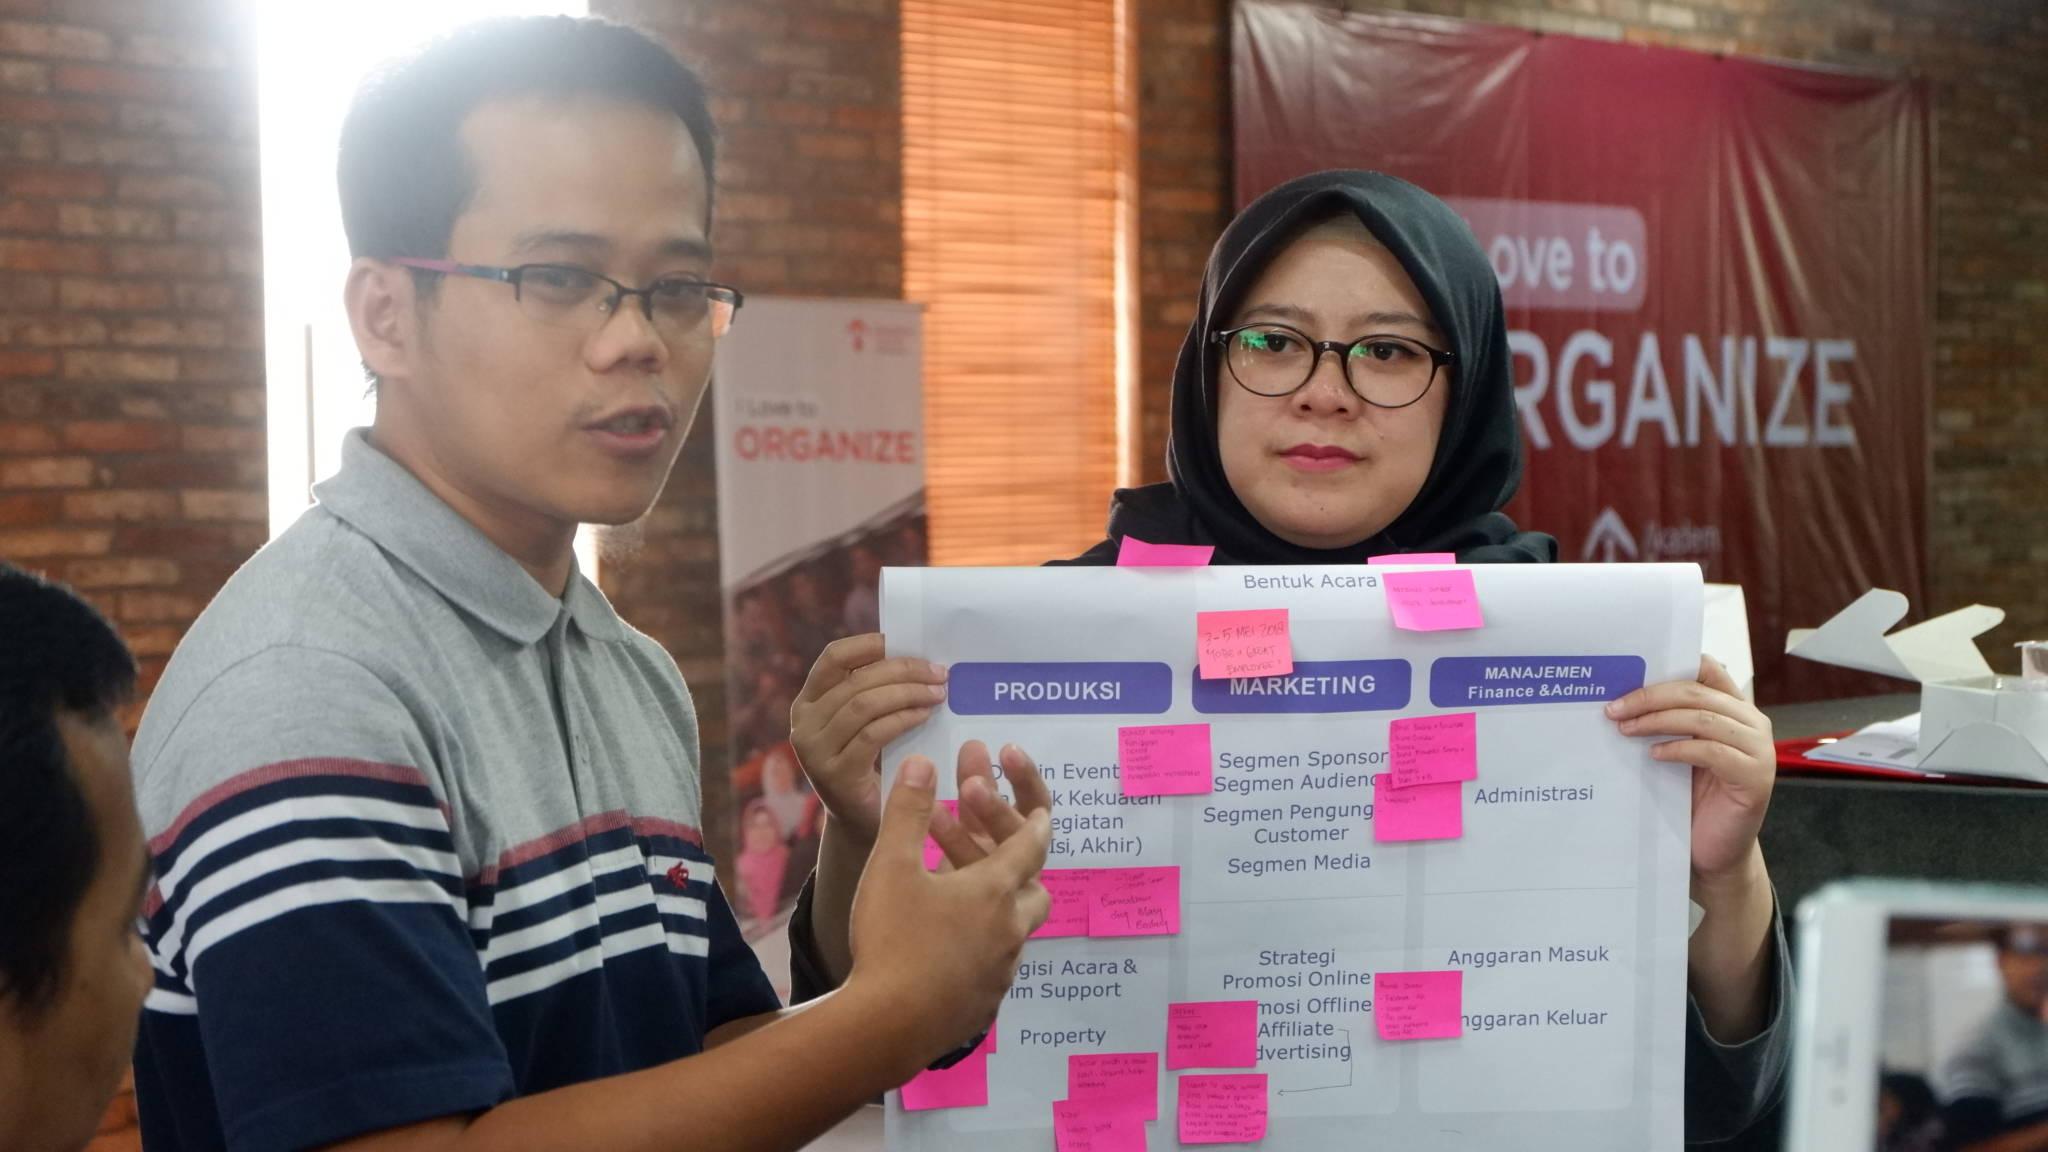 Membangun Keterampilan Mendengarkan pada Tenaga Penjualan - Corporate Training Indonesia (2)